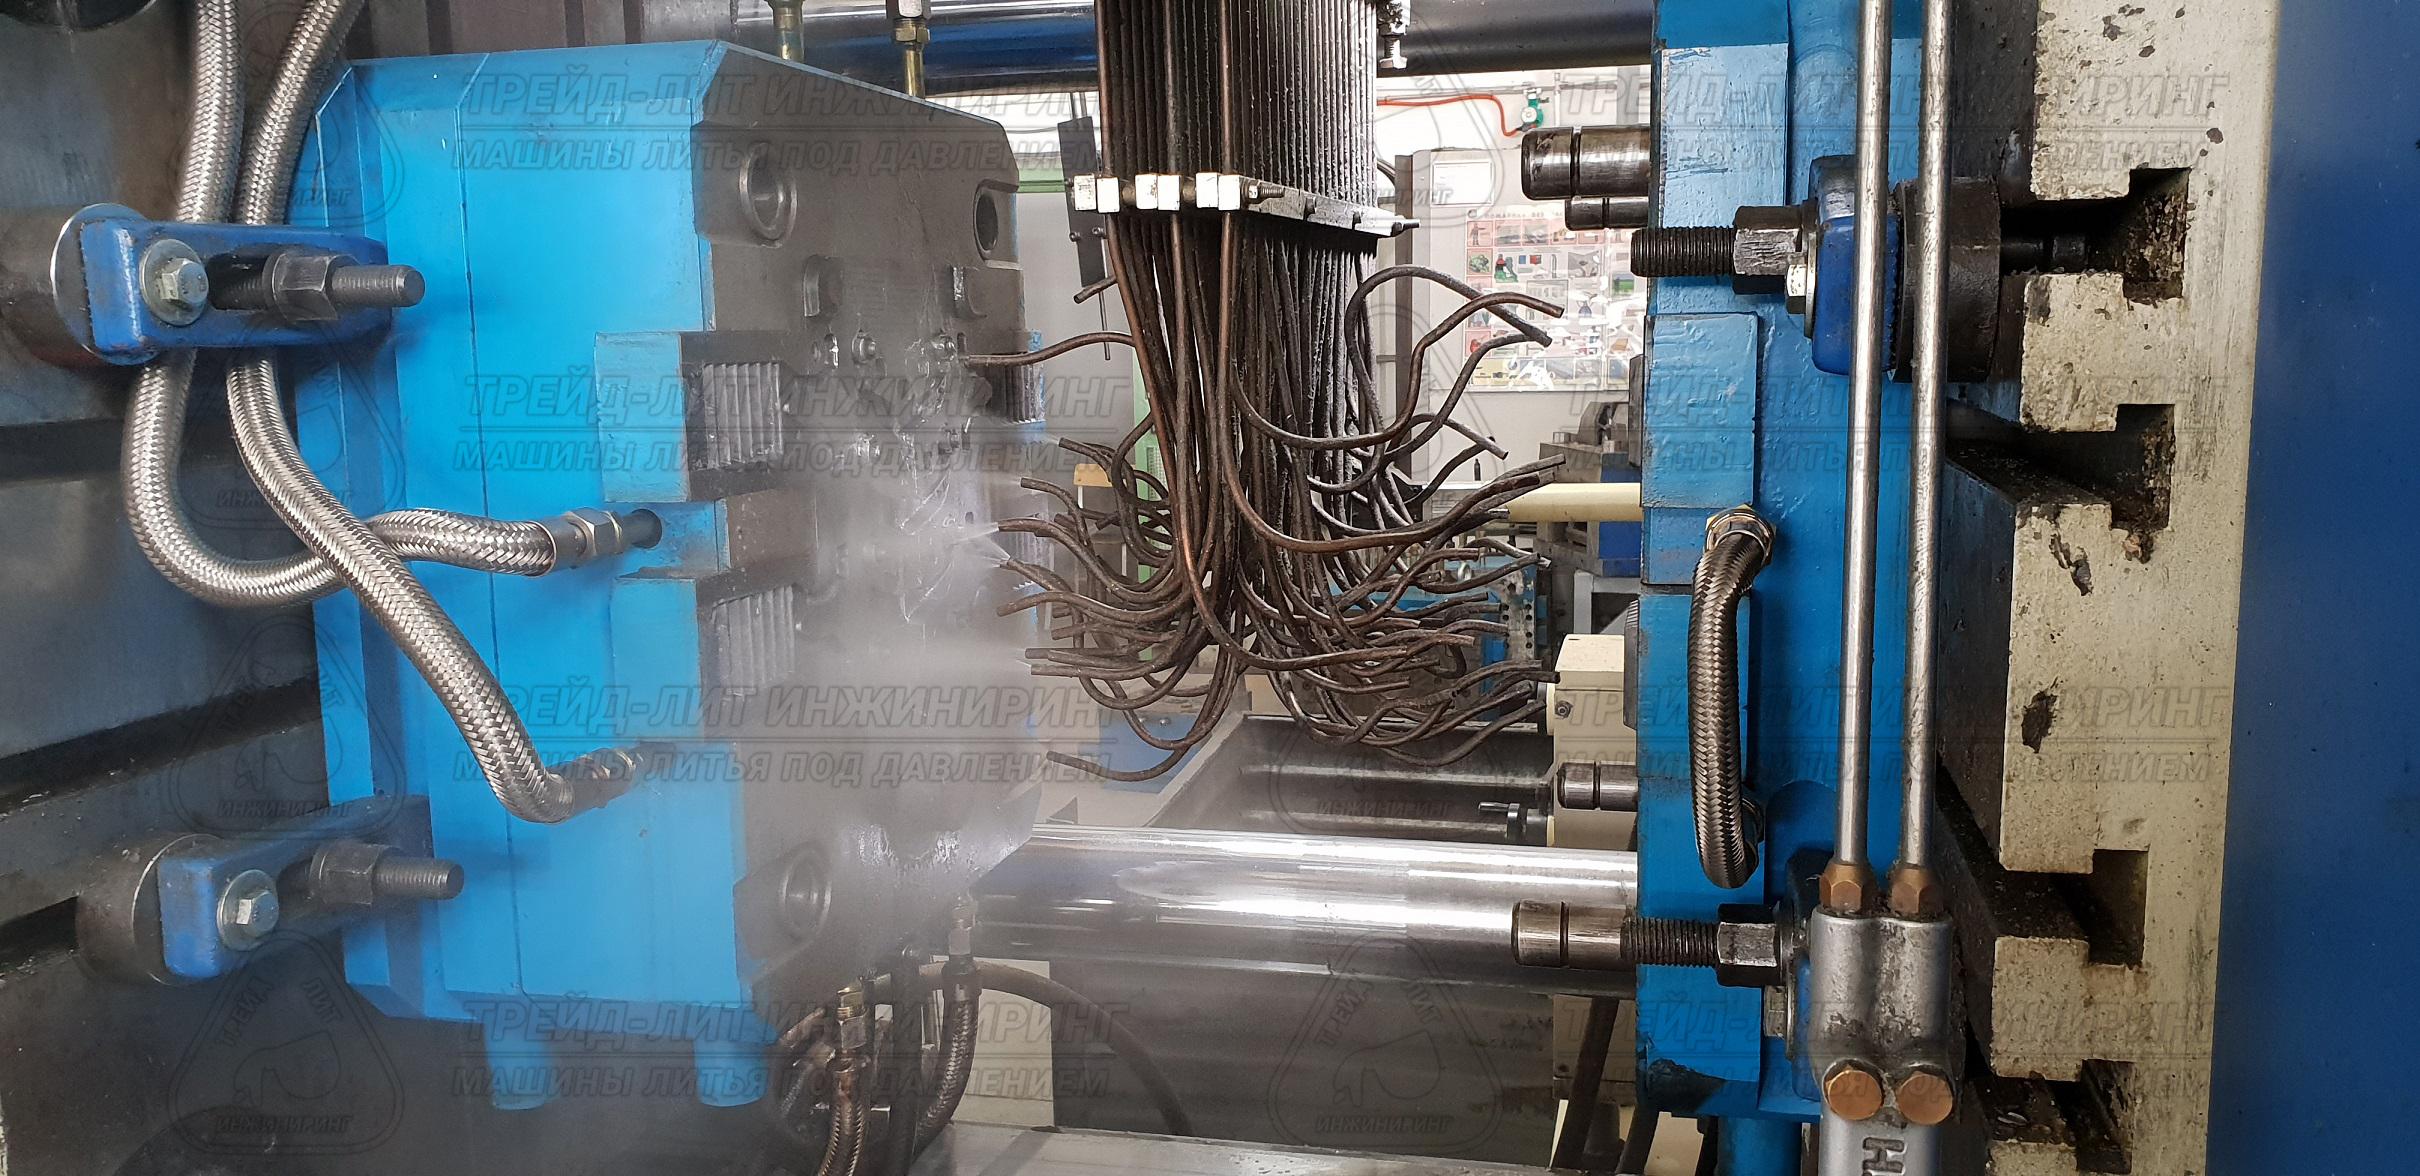 Пресс-форма Трейд-Лит Инжиниринг, установленная на машину литья под давлением MS300